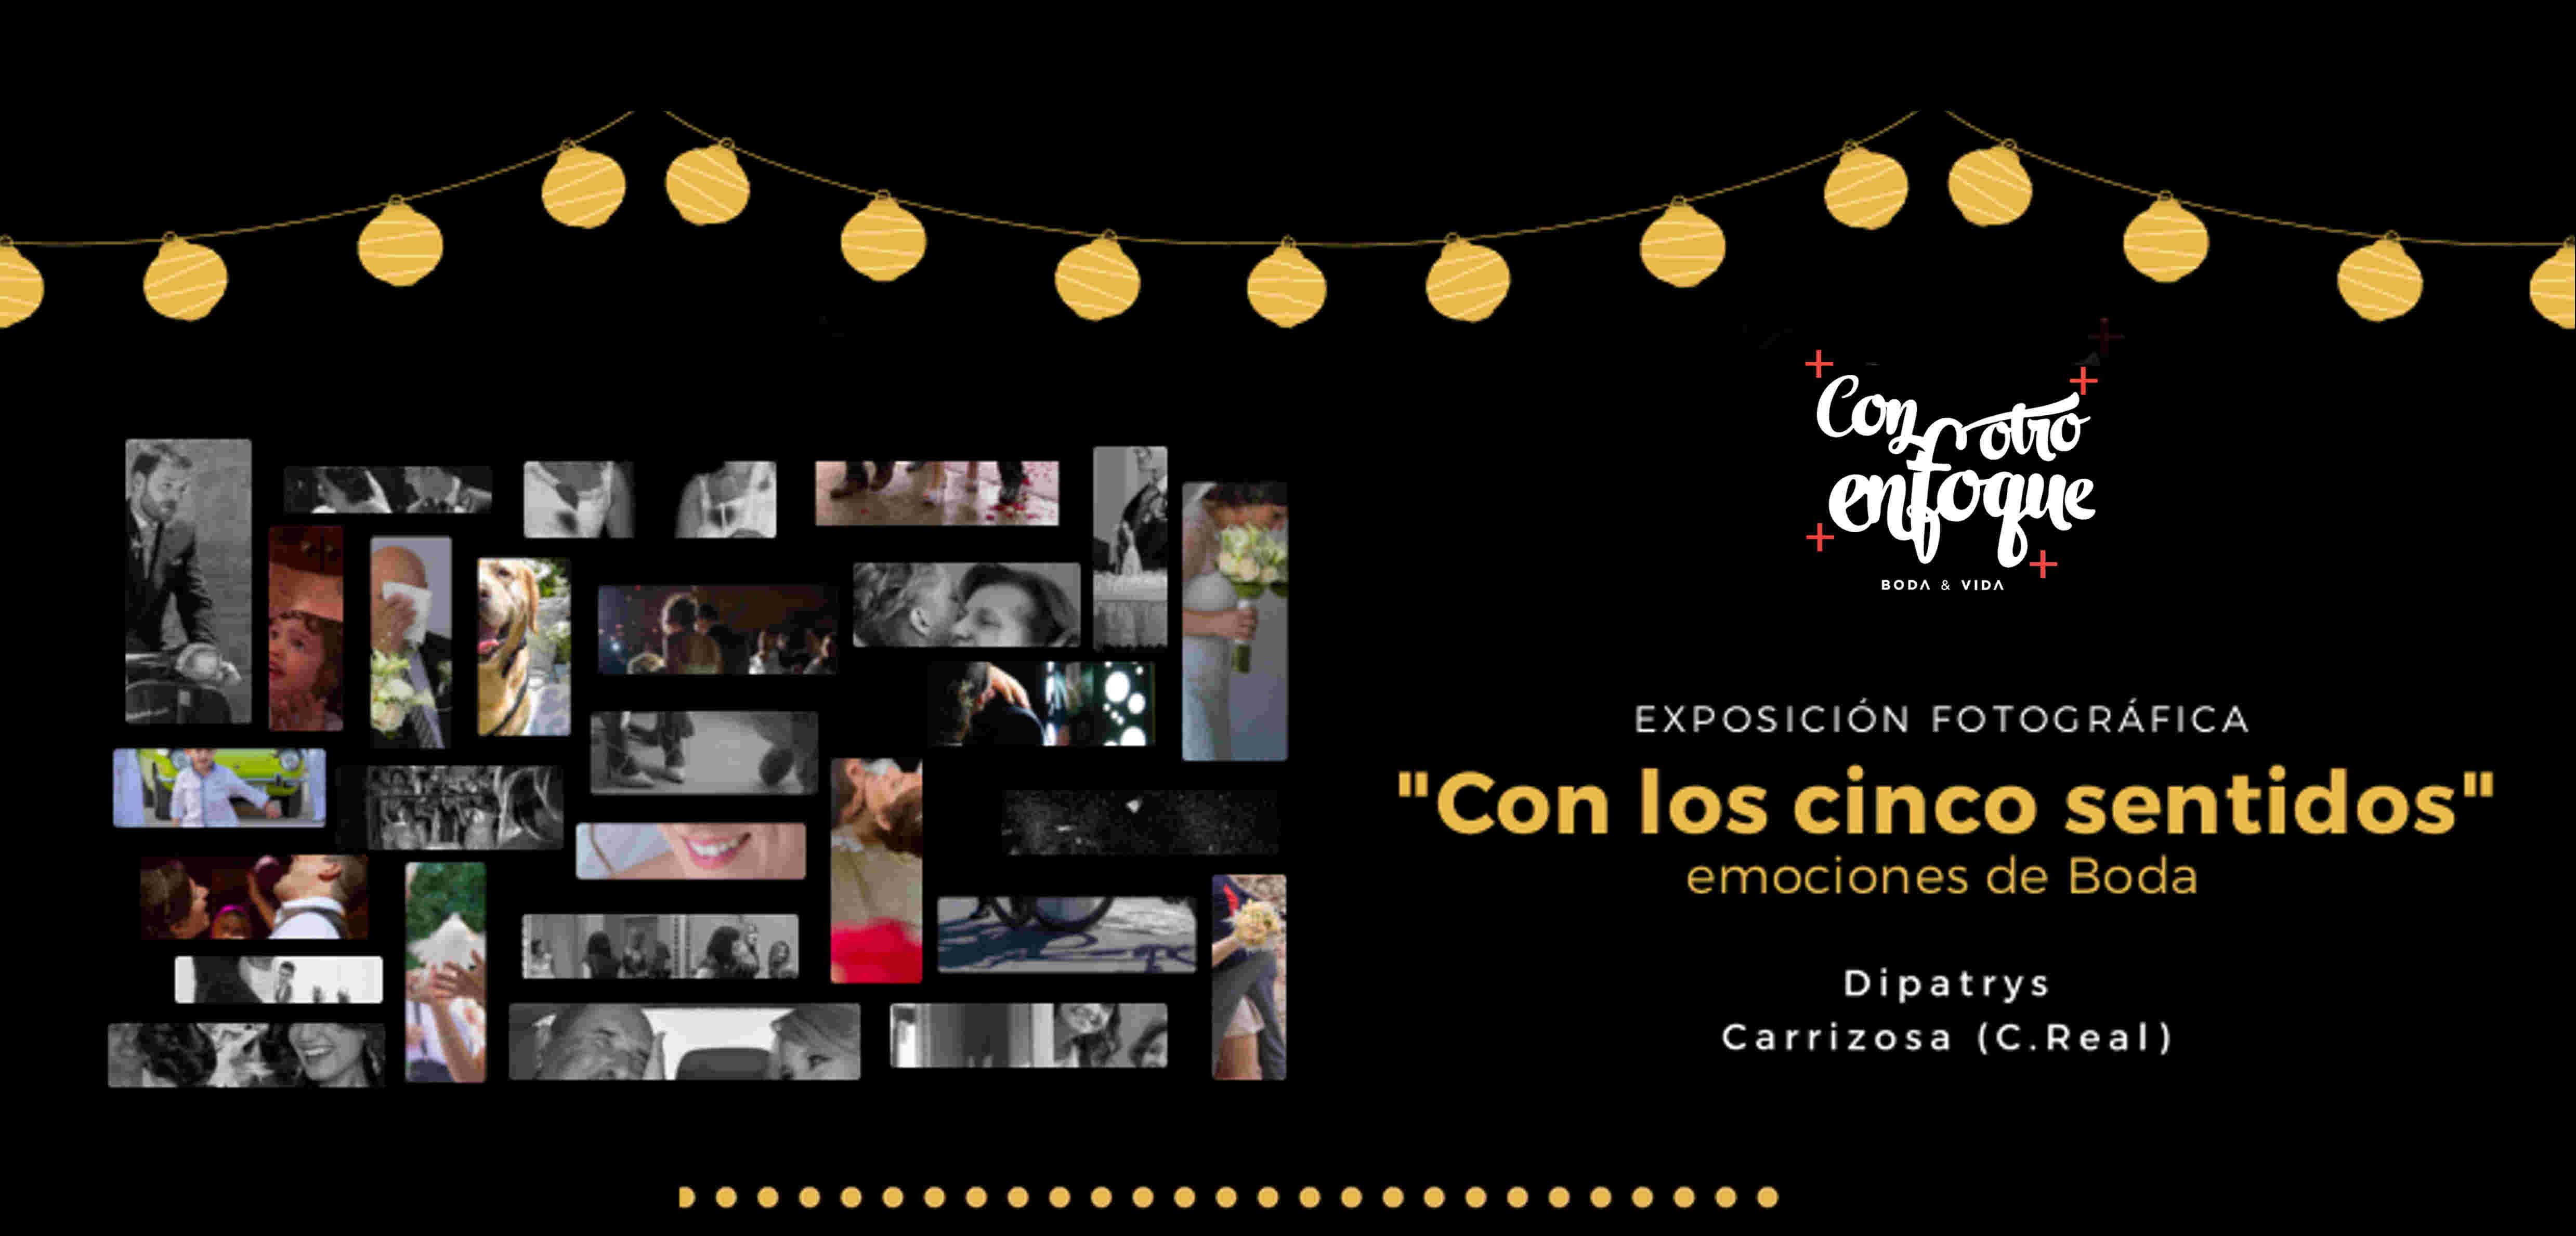 exposición fotográfica en Carrizosa, Ciudad Real